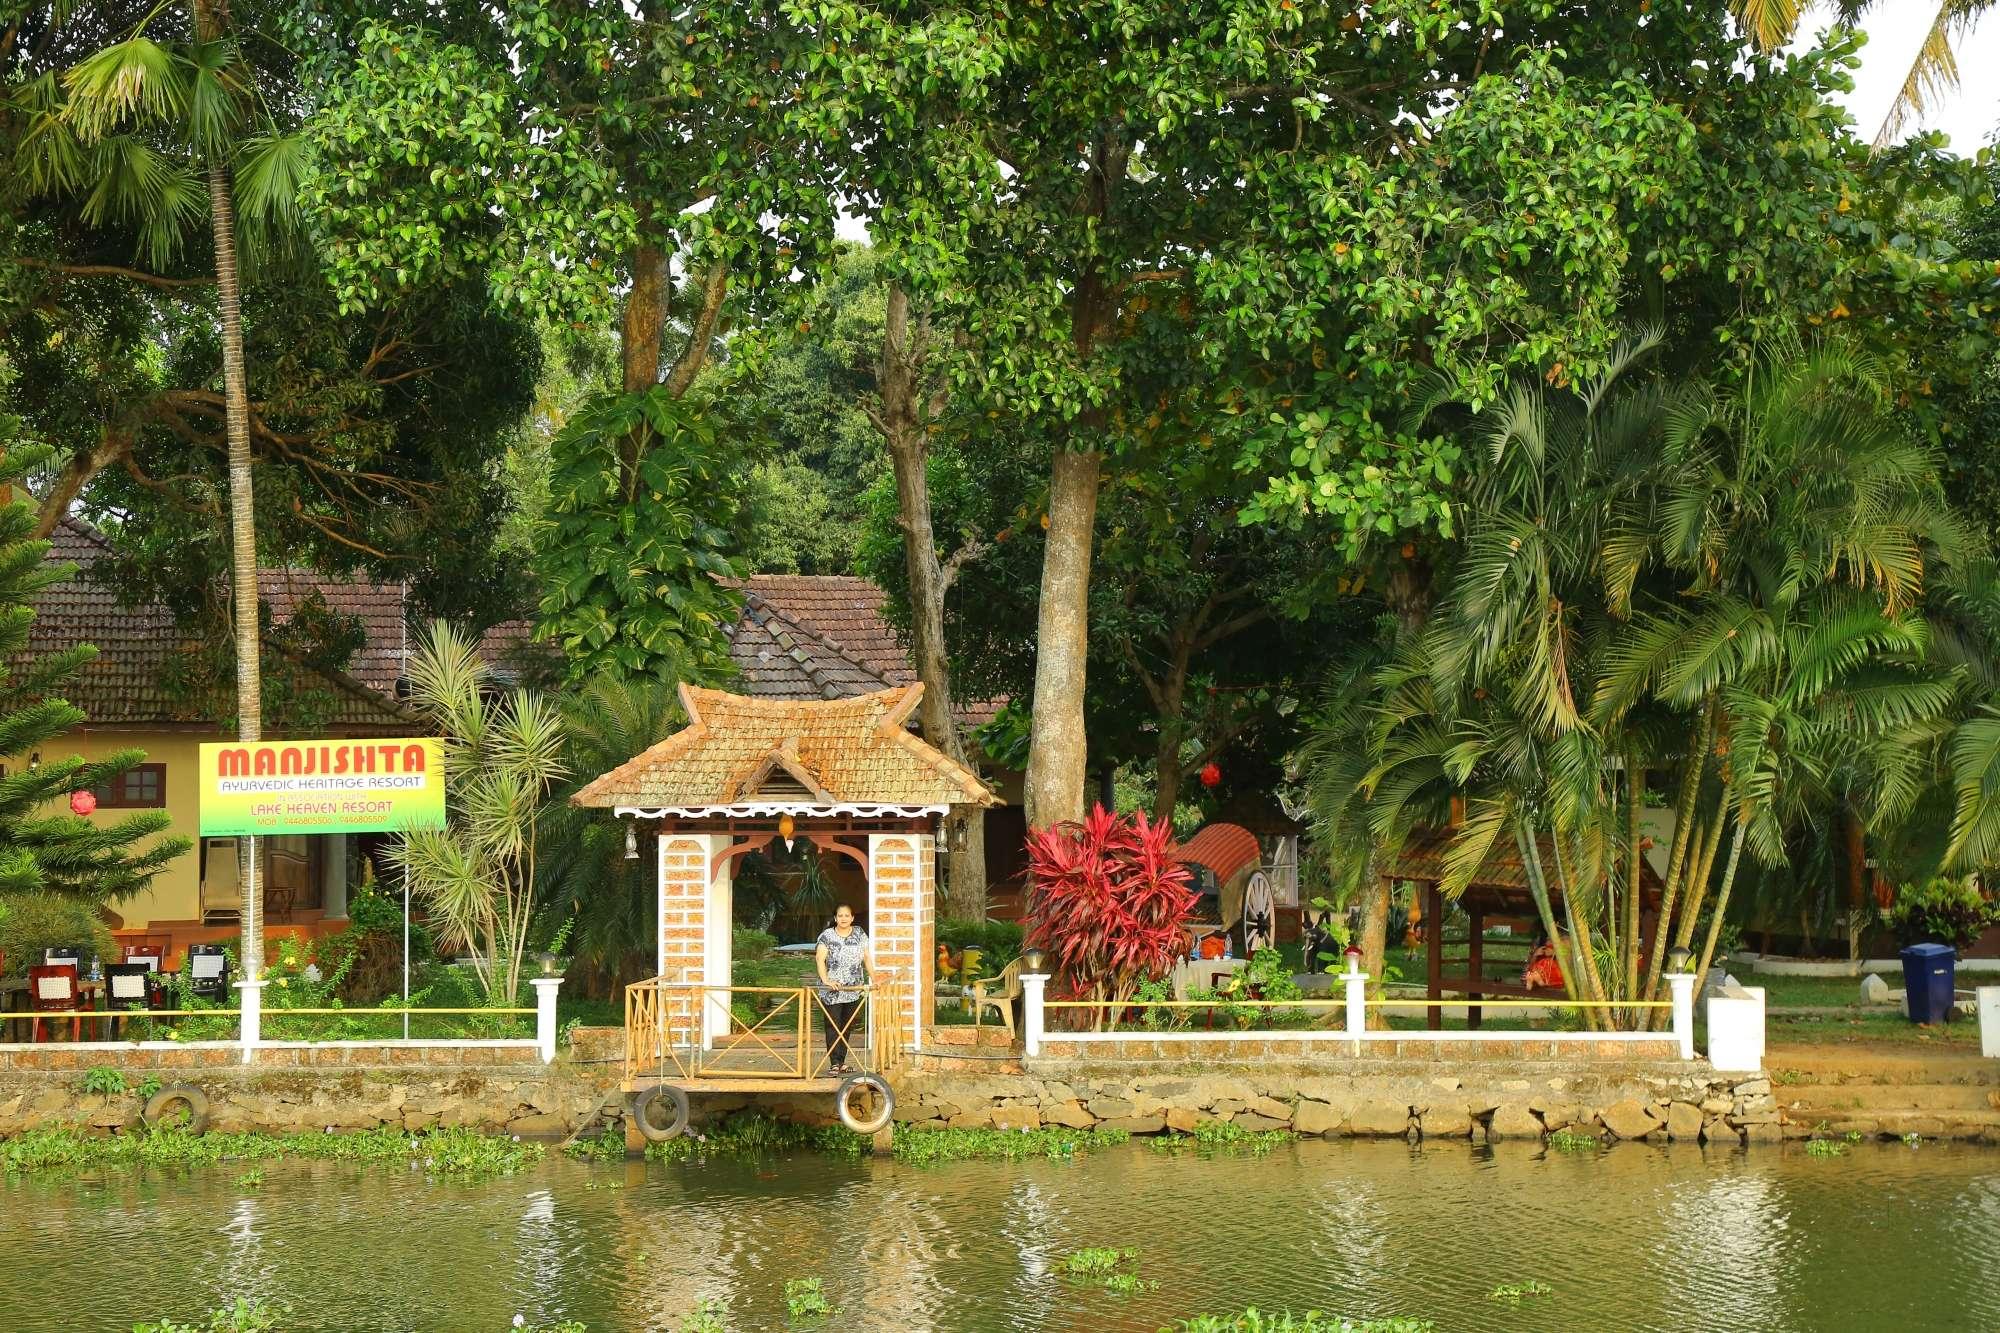 manjishta-ayurveda-heritage-resorts-alleppey-alappuzha-resorts-2tgvo5y